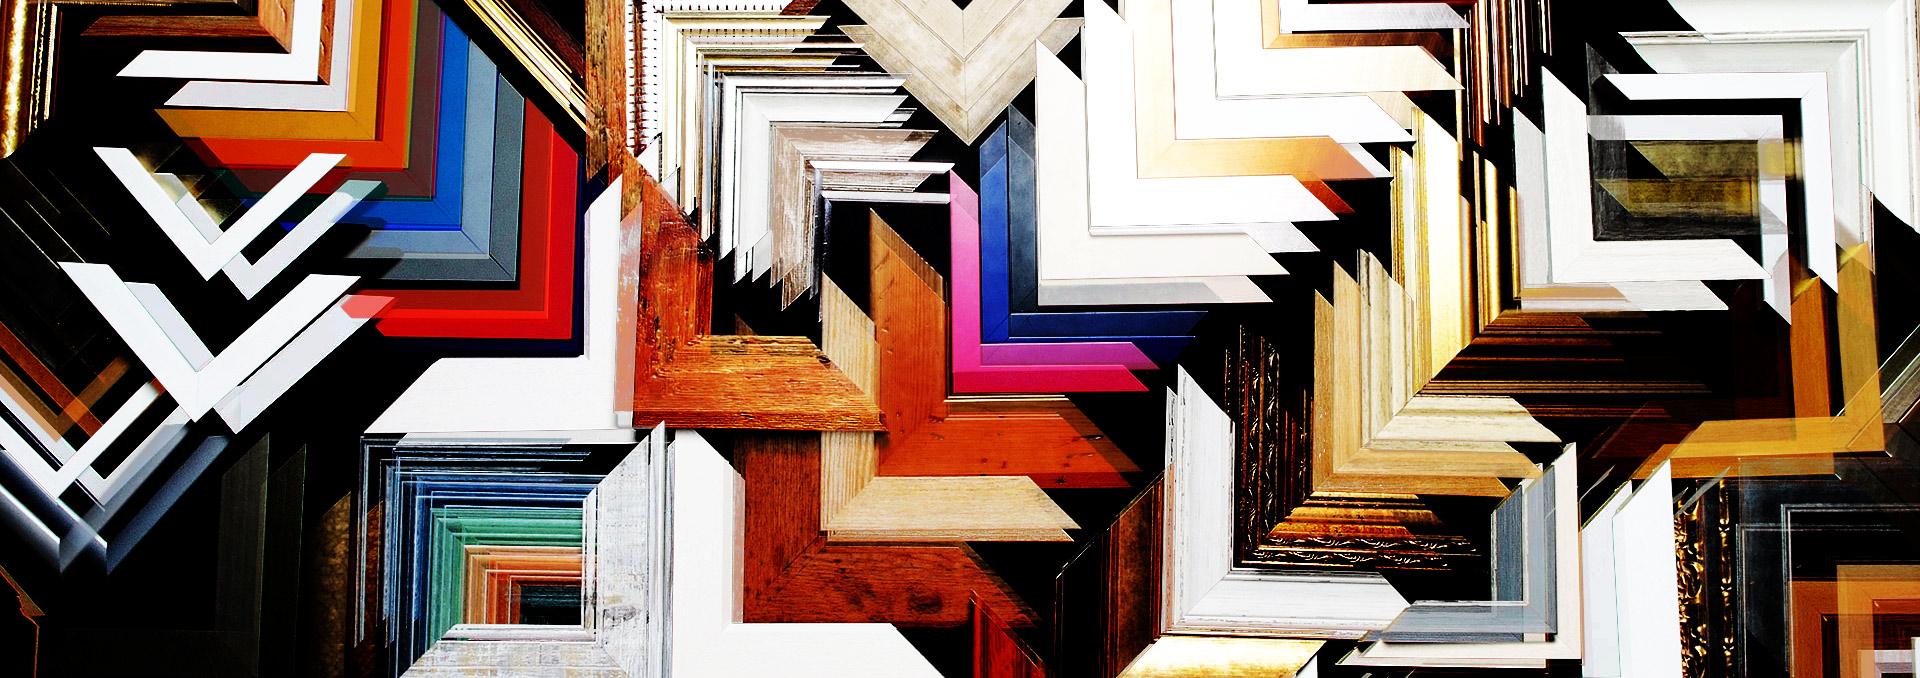 midland-fine-framing-frames-front